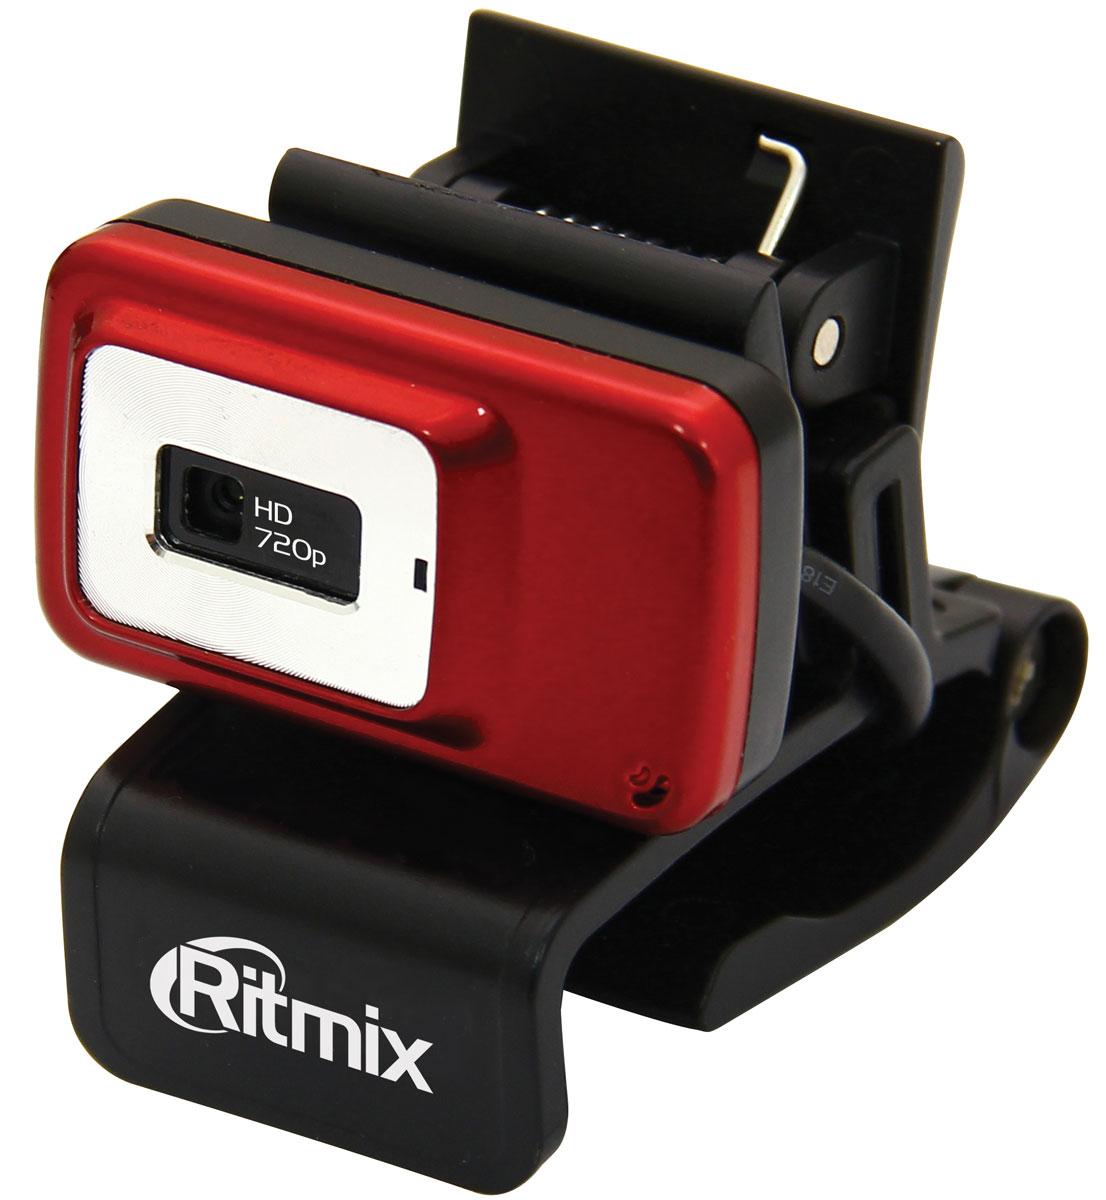 Ritmix RVC-053M Web-камера15116651Ritmix RVC-053M – широкоформатная компьютерная веб-камера с фиксированным фокусом, транслирующая видео высокой чёткости HD 720p. Устройство поддерживает аппаратное разрешение 1280x720 пикселей с частотой 30 к/с. Камера выполнена в стильном корпусе, предусмотрен механизм регулировки угла наклонаRVC-053M имеет функцию фотосъёмки – поддерживается интерполяция фотоснимков до 24 Мп.Стеклянная оптическая линза профессионального уровняДетализированное широкоформатное изображениеИндикатор рабочего режима камерыФункция фотосъёмкиПрограммная интерполяция снимков до 24 Мп (6048x4032)Микрофон с высокой чувствительностью и уникальным шумоподавлениемОтдельное крепление на ноутбук и ЖК-мониторНе требуется установки драйверов